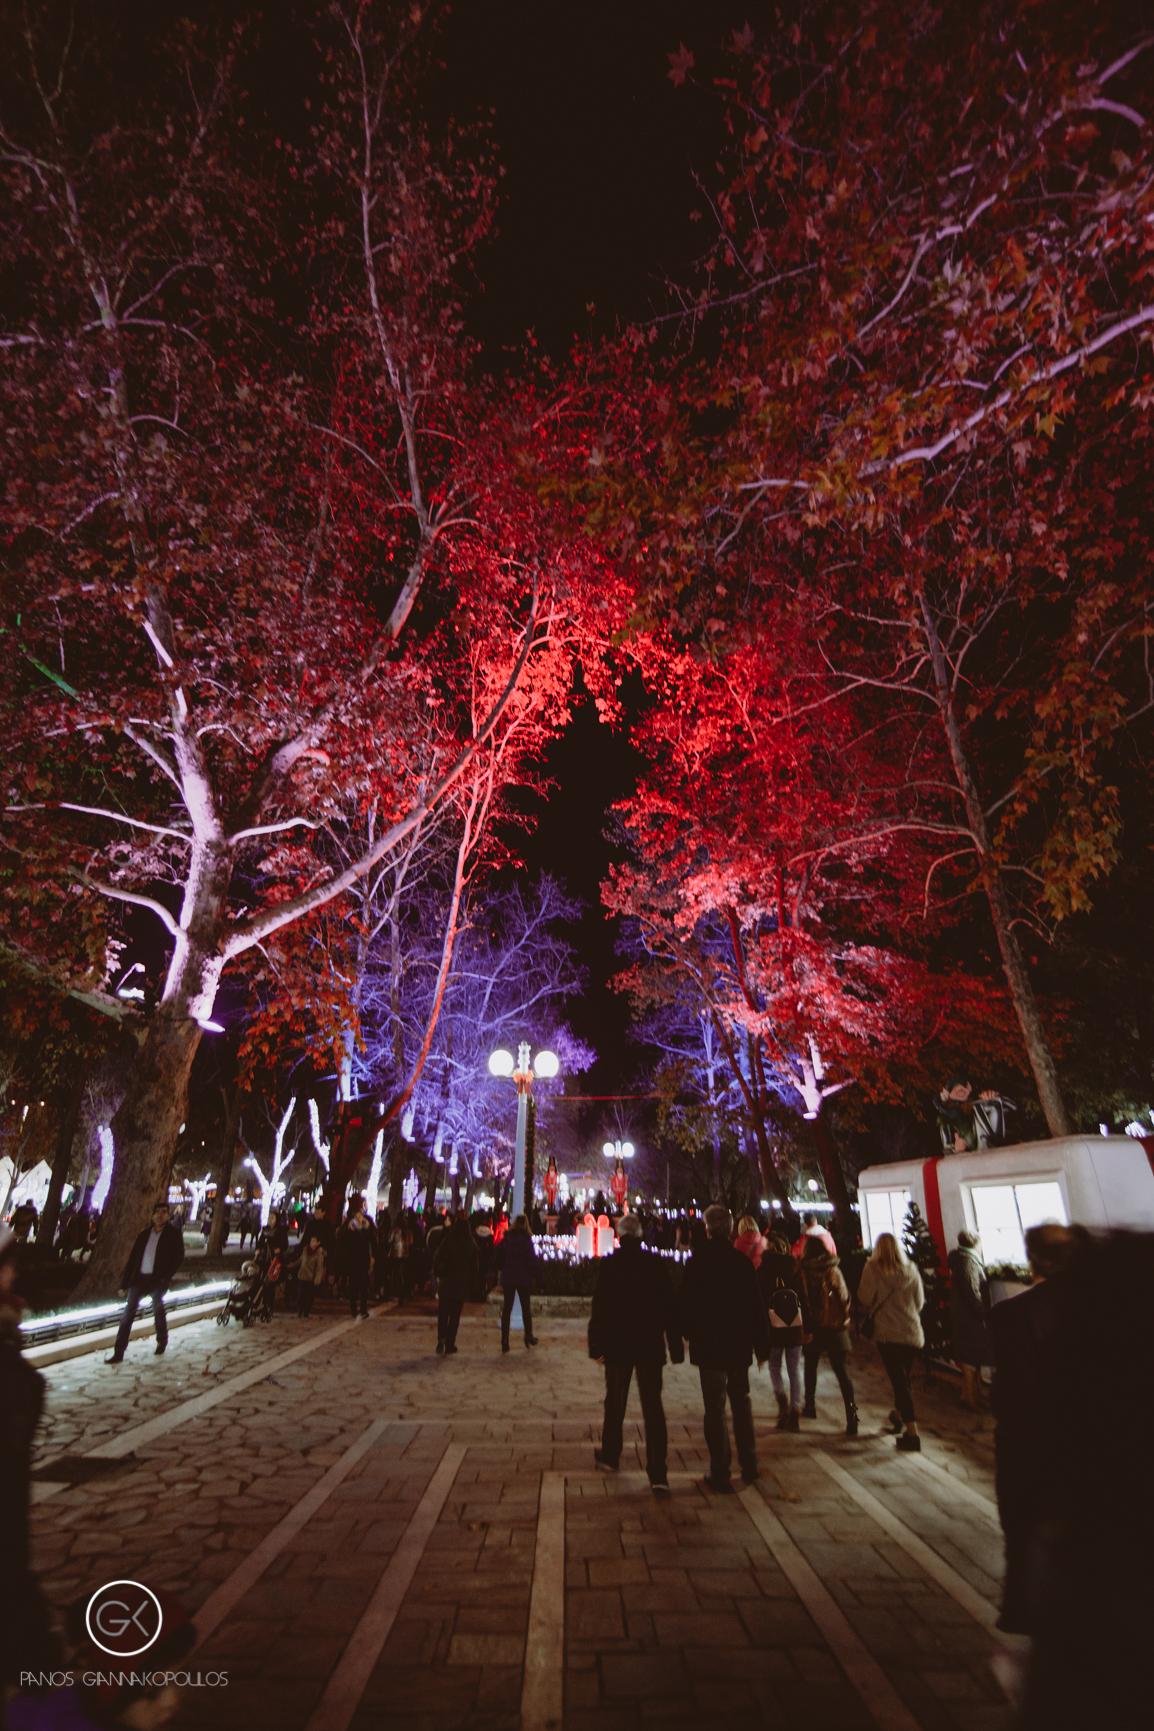 PAN 6235 - Το Πάρκο των Ευχών μέσα από το φακό του Πάνου Γιαννακόπουλου!